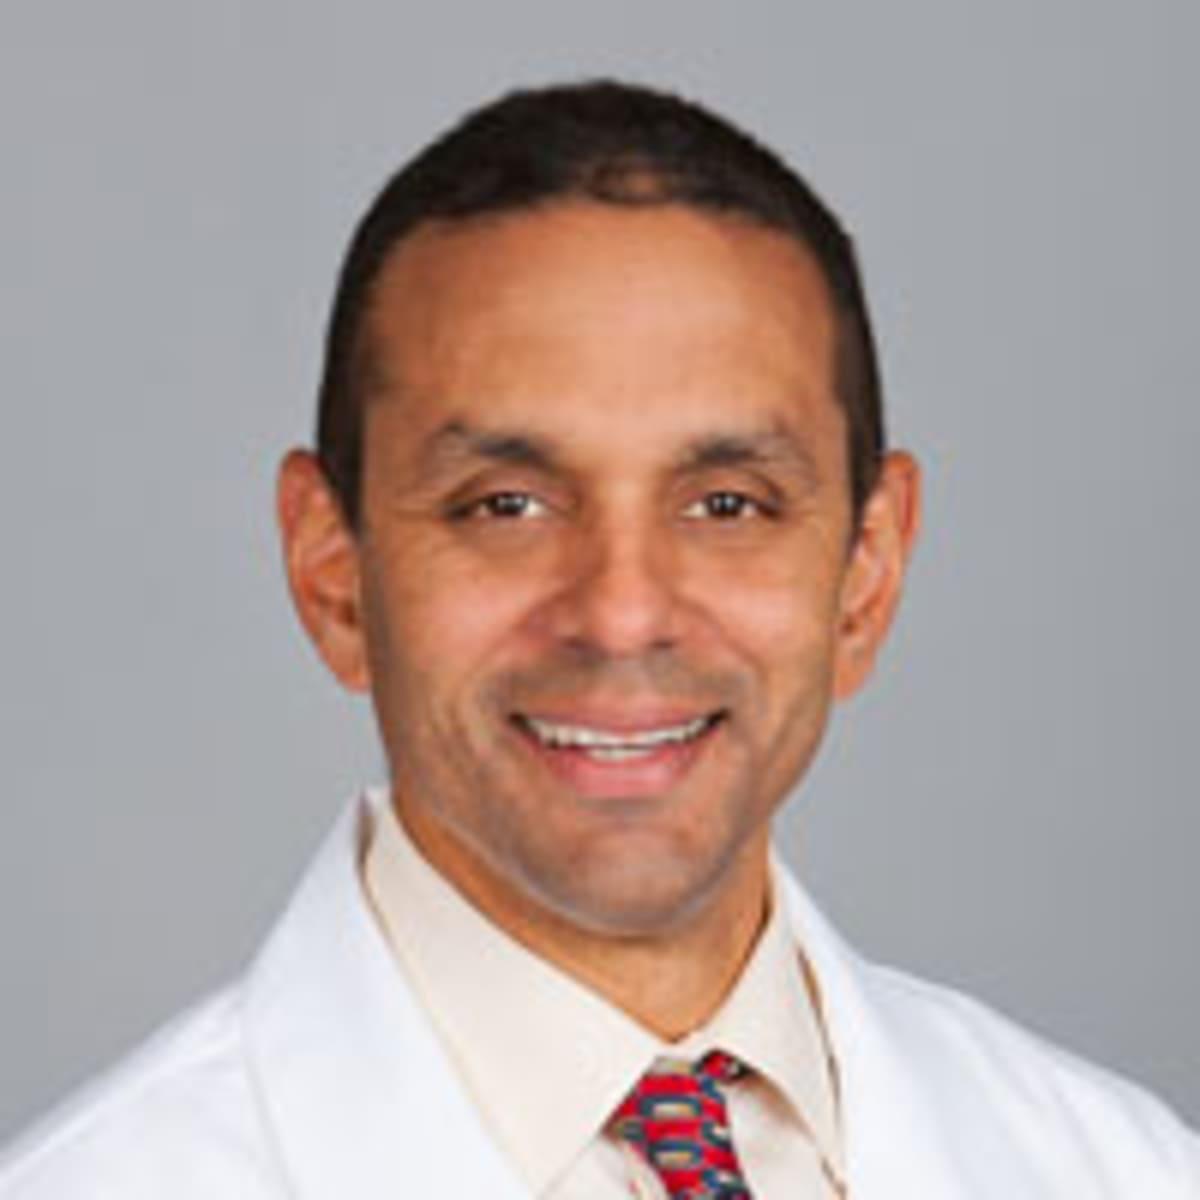 dr abraham shurland md stoneham ma sports medicine doctor. Black Bedroom Furniture Sets. Home Design Ideas